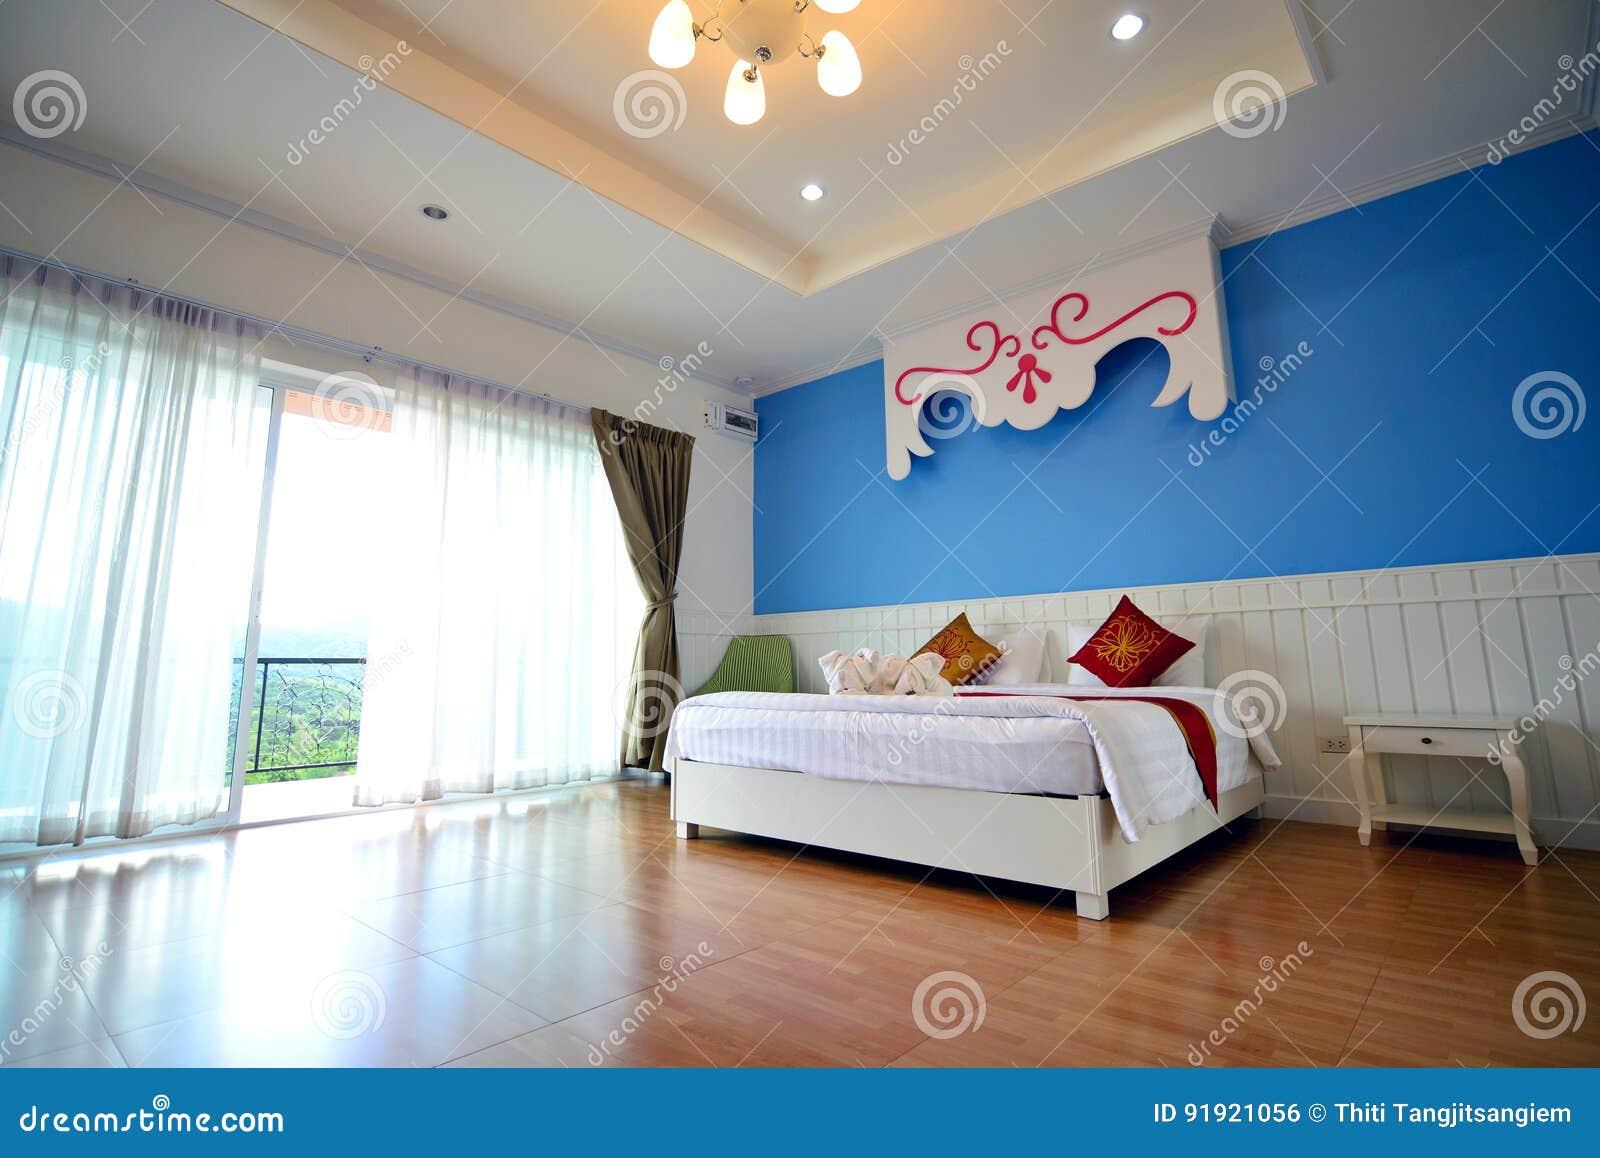 Quarto de hotel do recurso com cama enorme